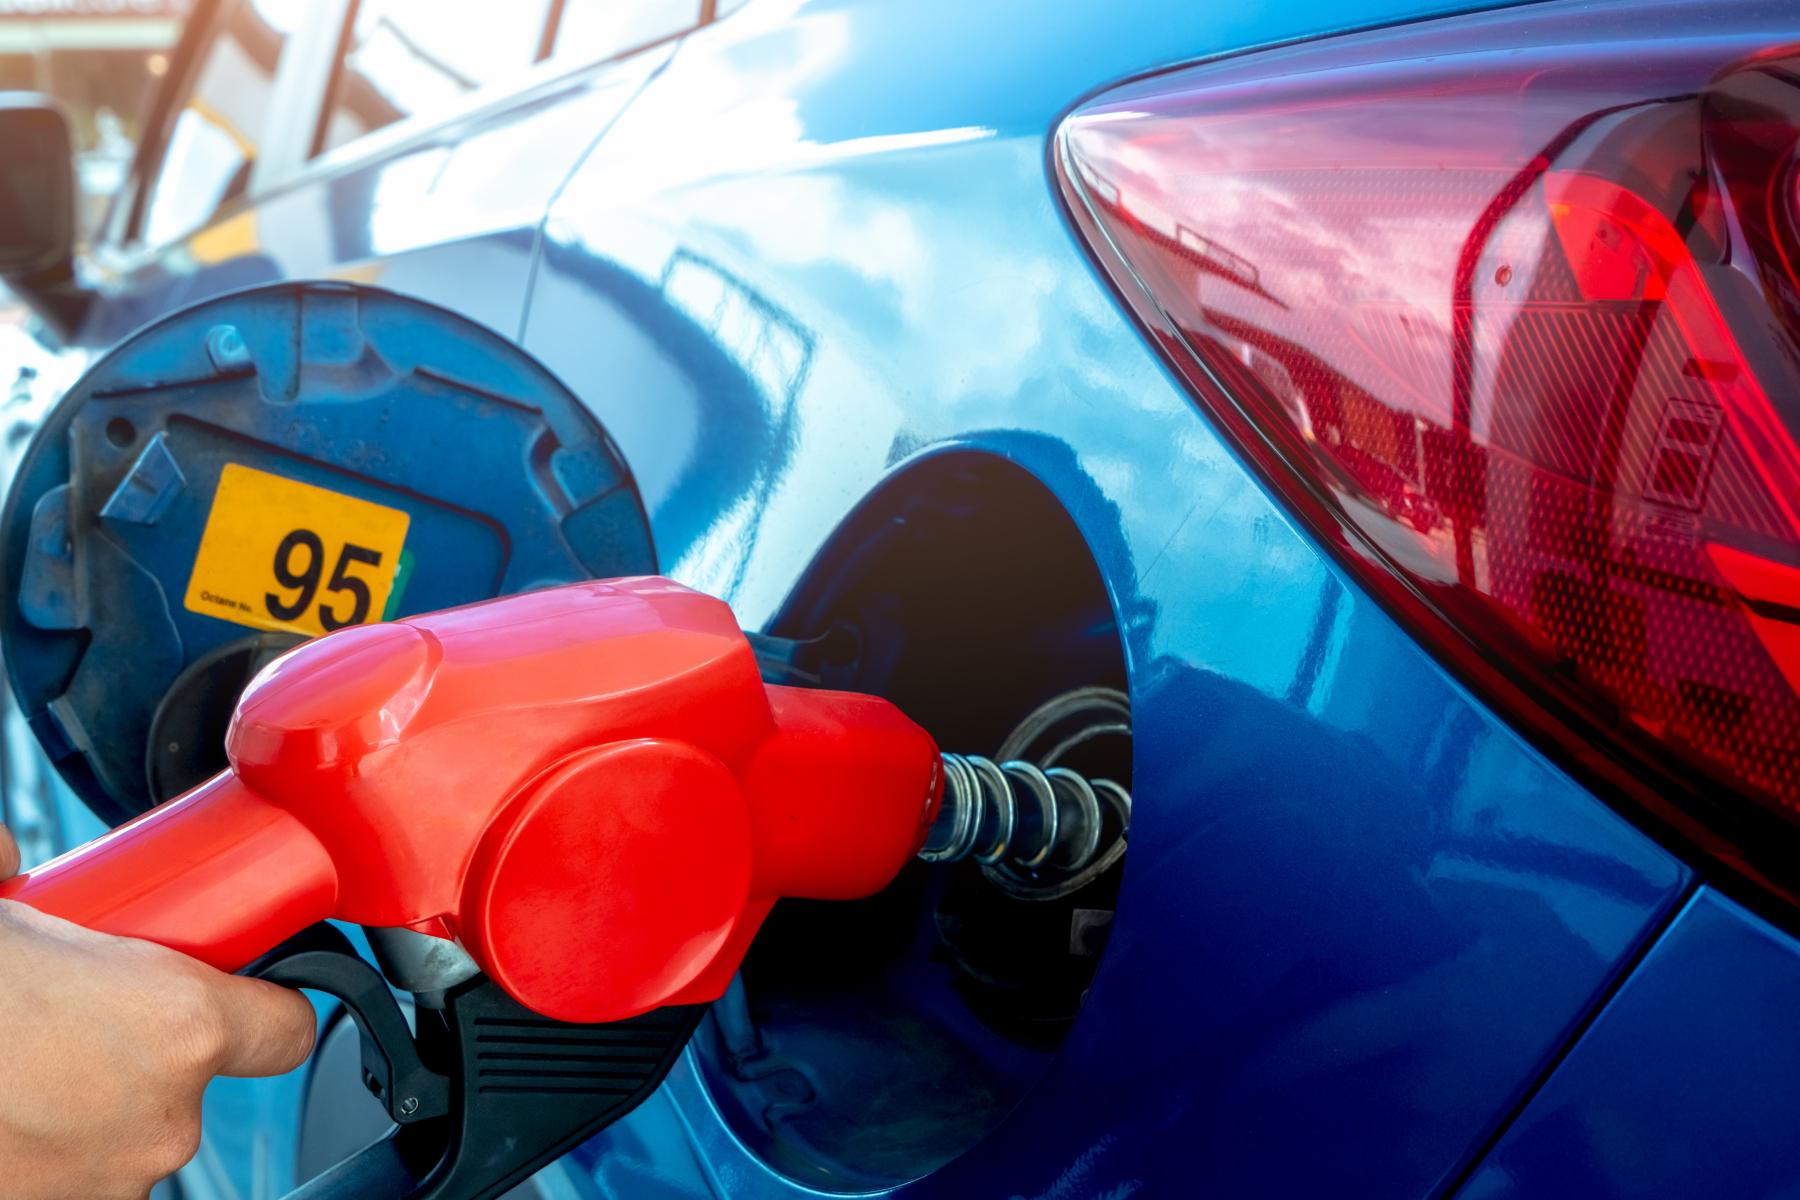 Drivstoff fylles på bil med drivstoffpumpe